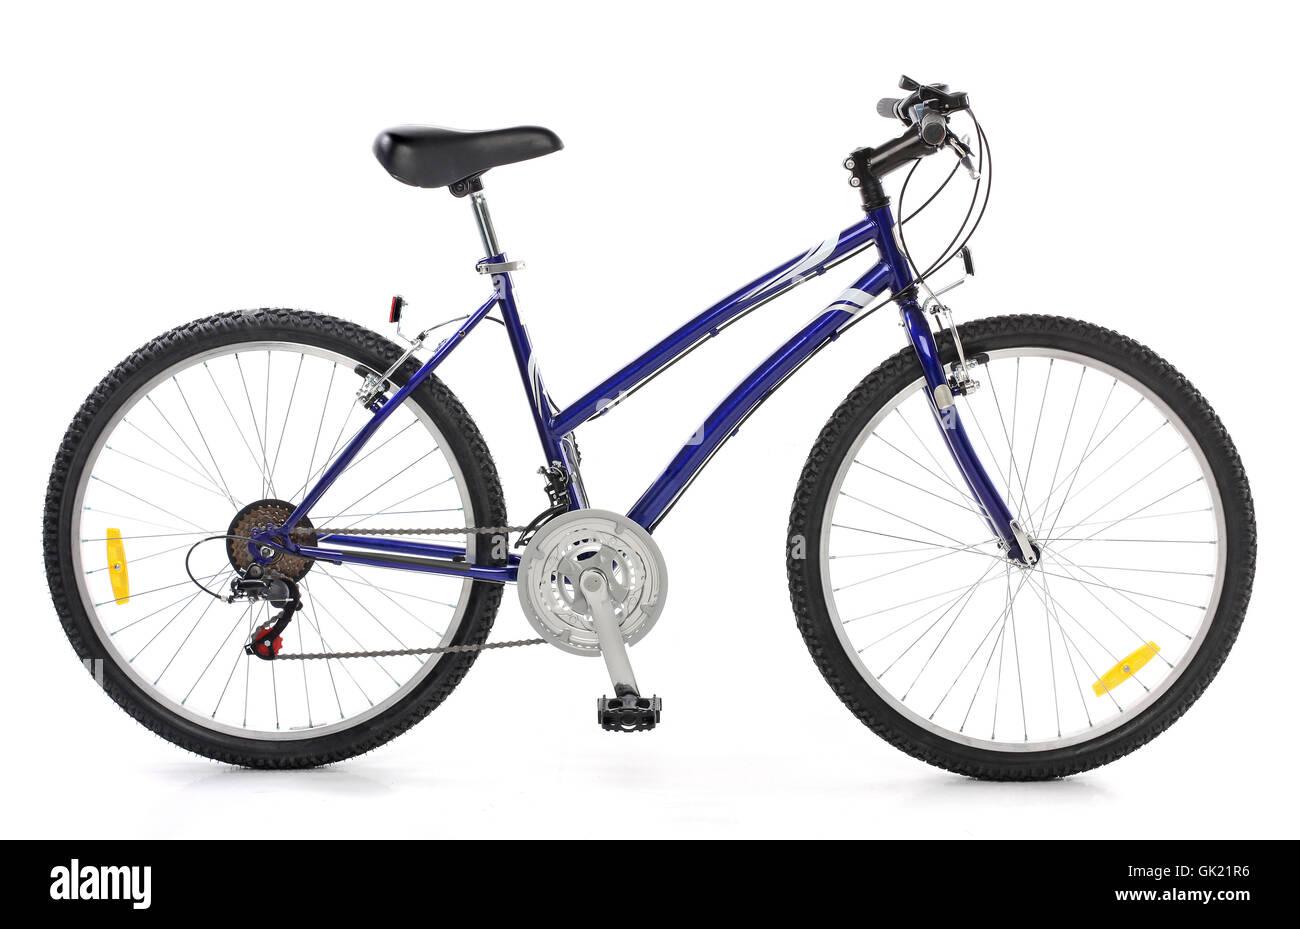 isolated bike bicycle - Stock Image